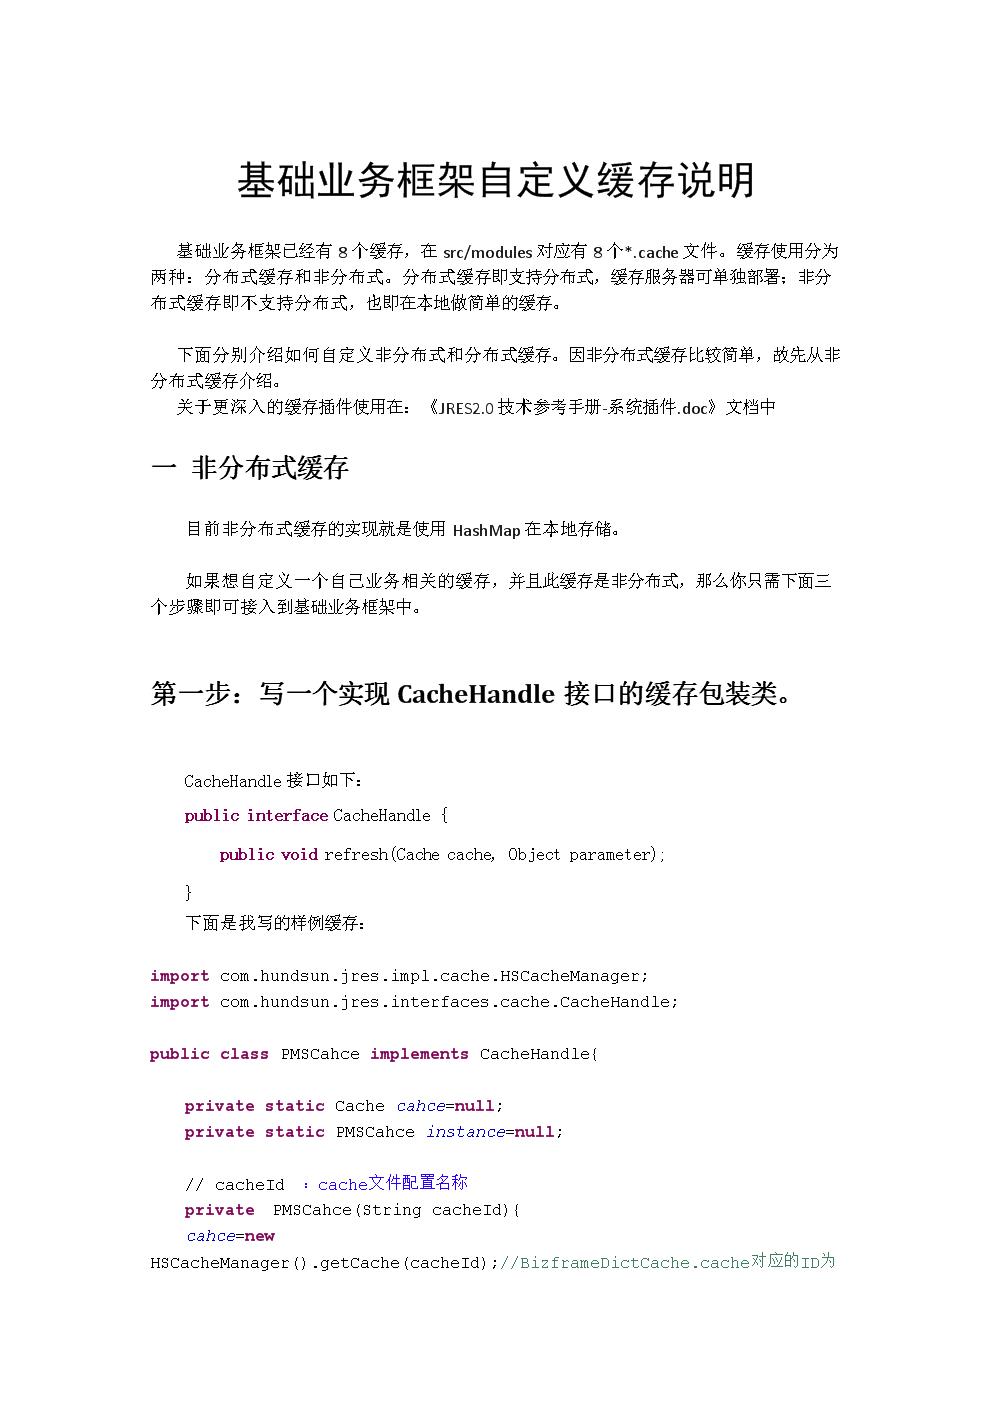 JRES基础业务平台-自定义缓存说明.docx